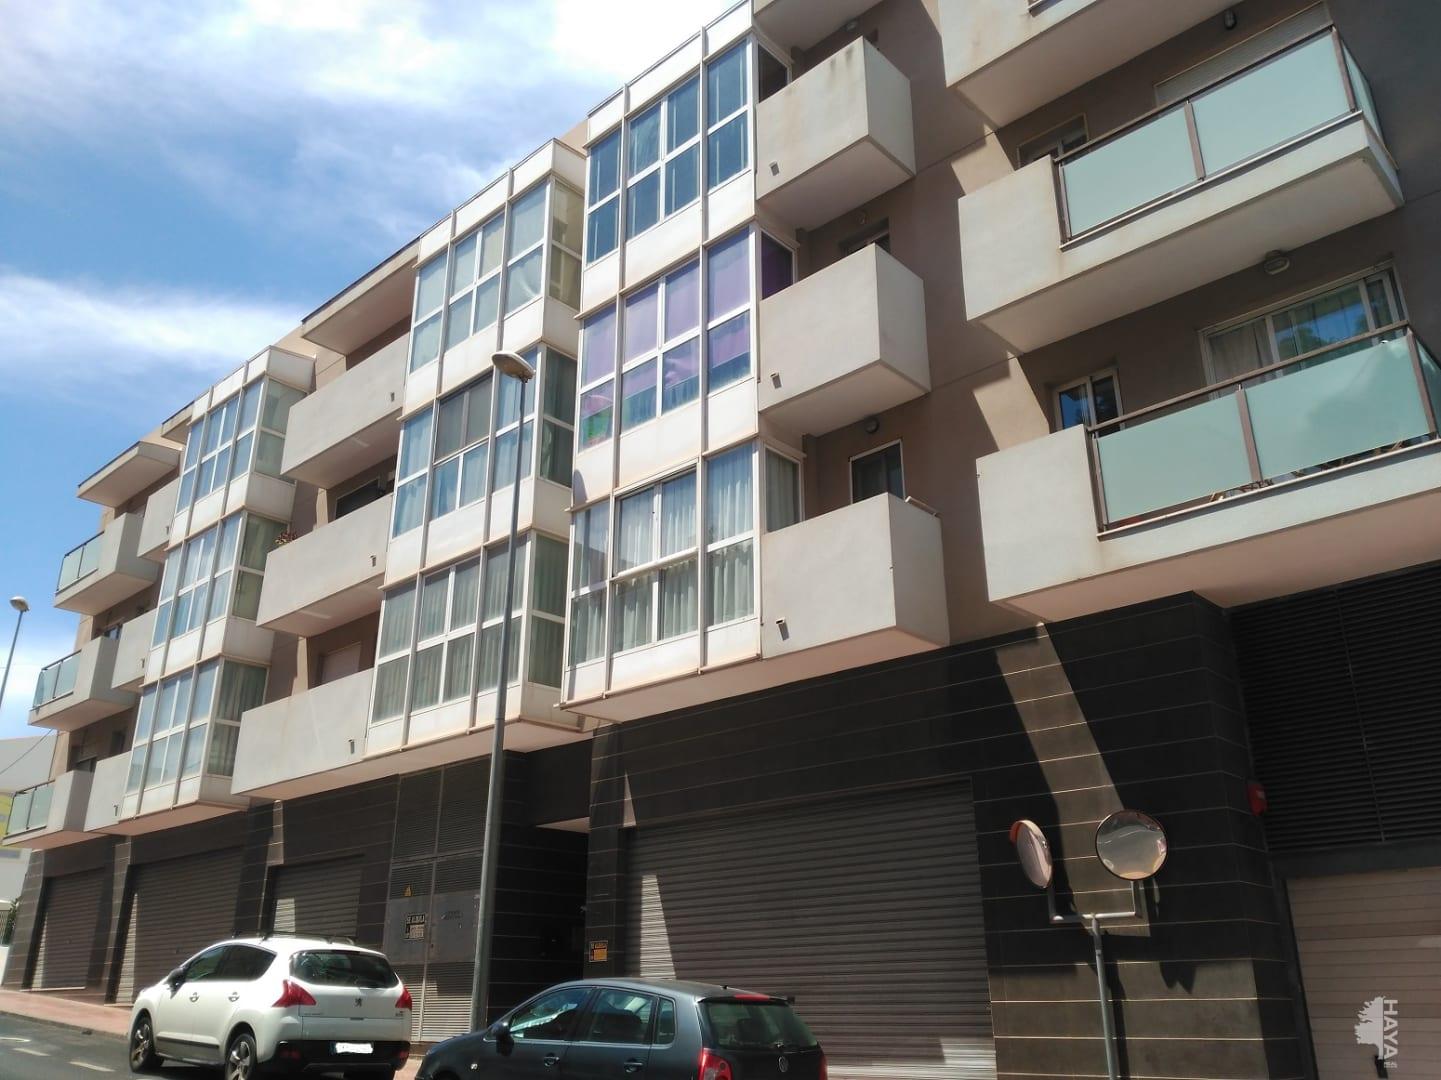 Piso en venta en El Benitachell/poble, Alicante, Calle Capelletes, 79.000 €, 2 habitaciones, 1 baño, 82 m2